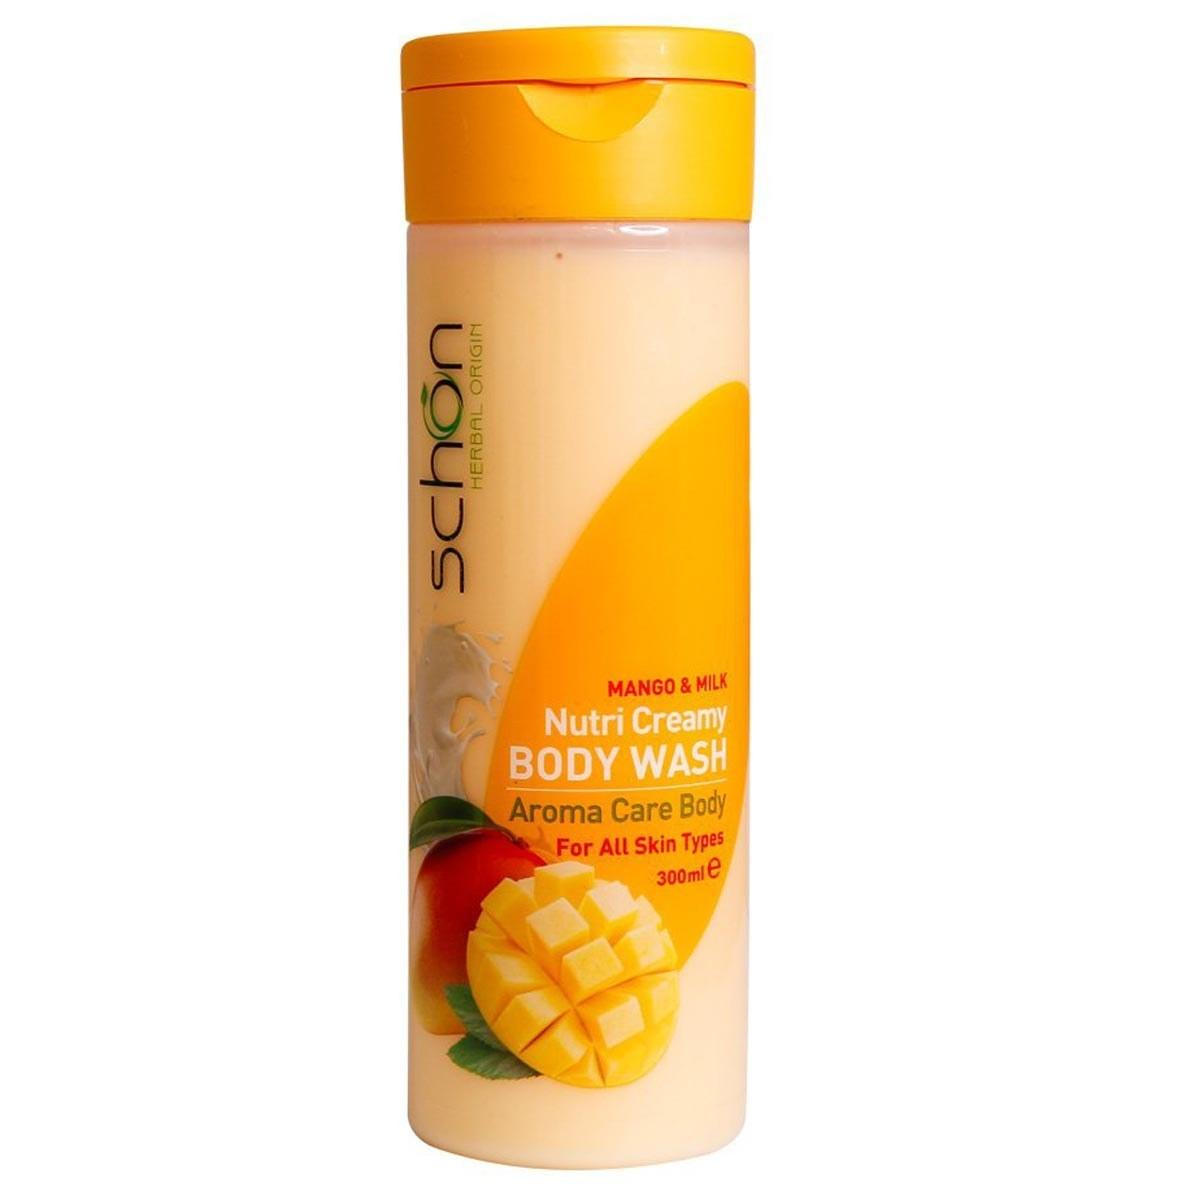 تصویر شامپو بدن شیر انبه شون حجم 300 میل Schon Nutri Creamy Mango and Milk Body Wash